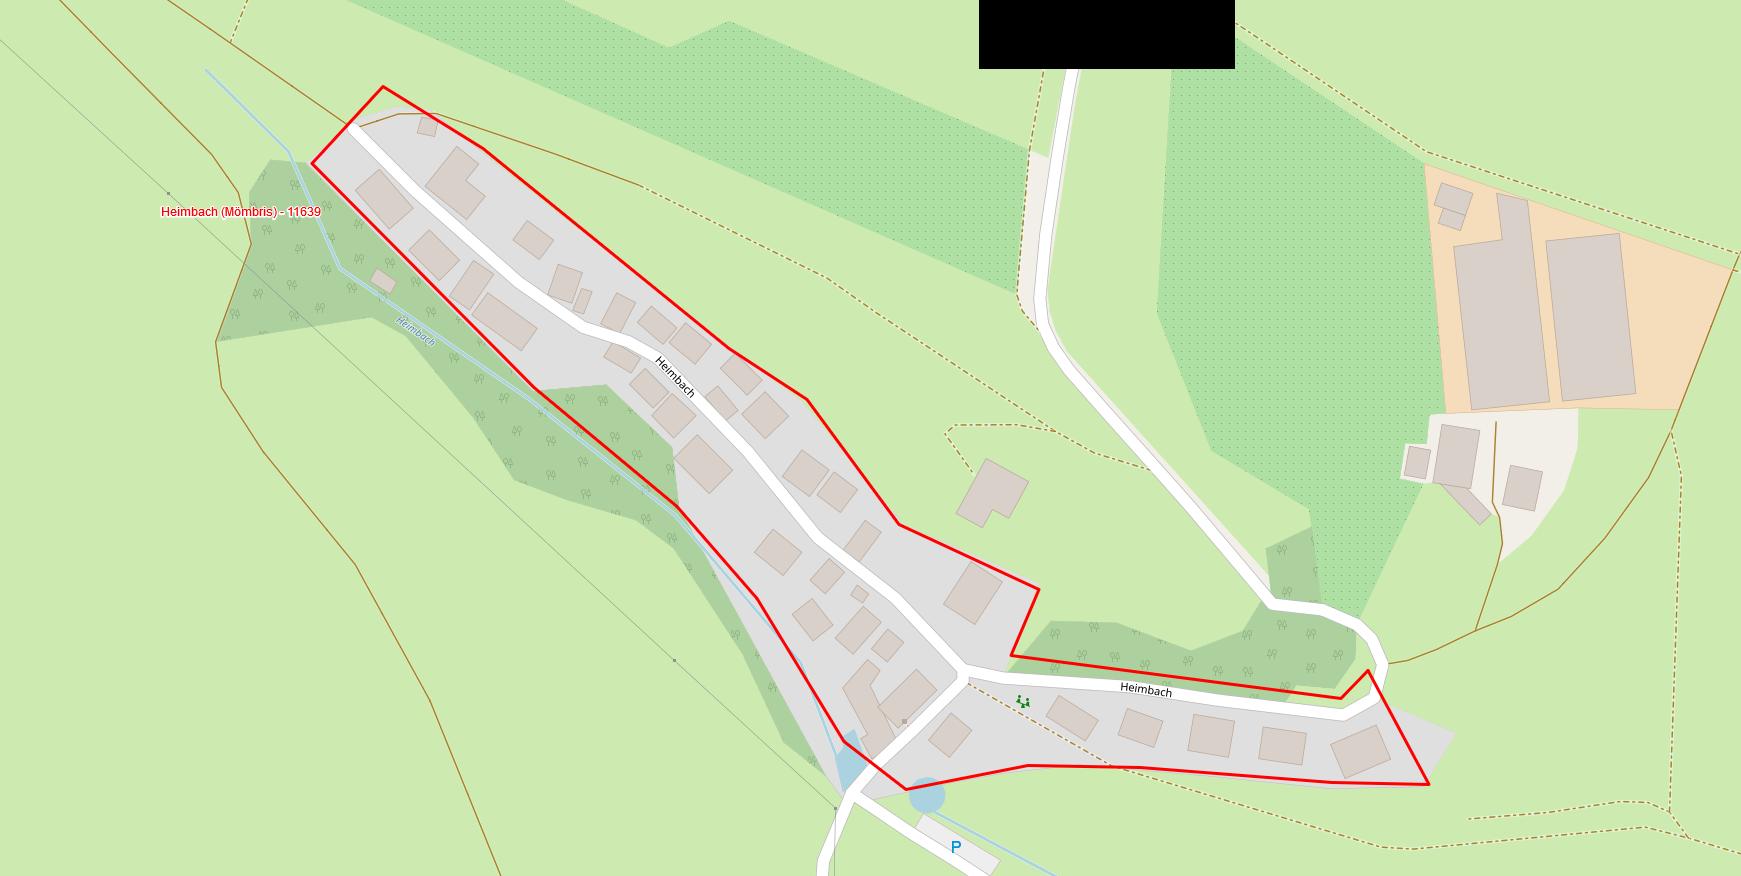 Heimbach Polygon